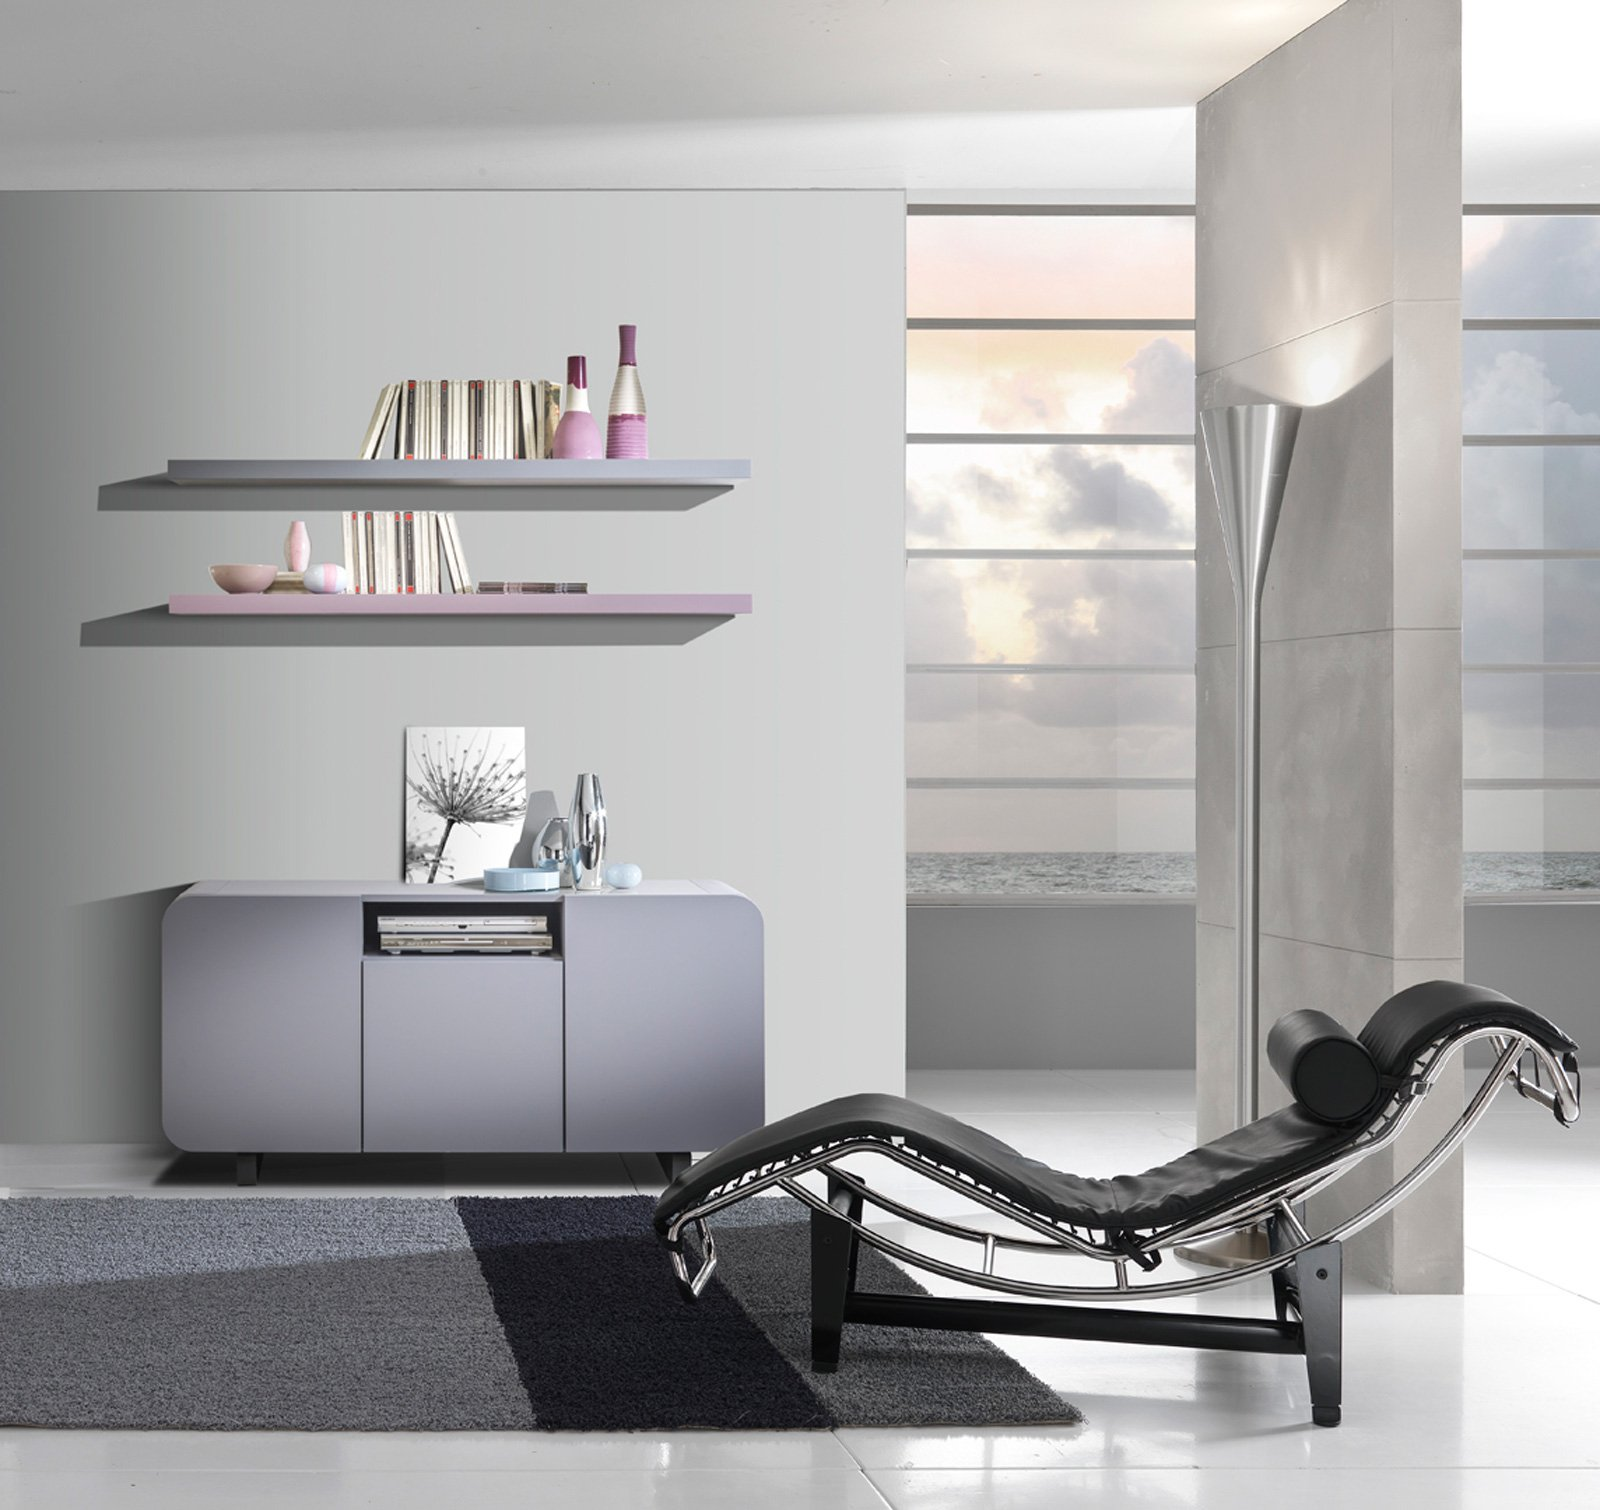 Mobile basso per il soggiorno: la madia contemporanea - Cose di Casa